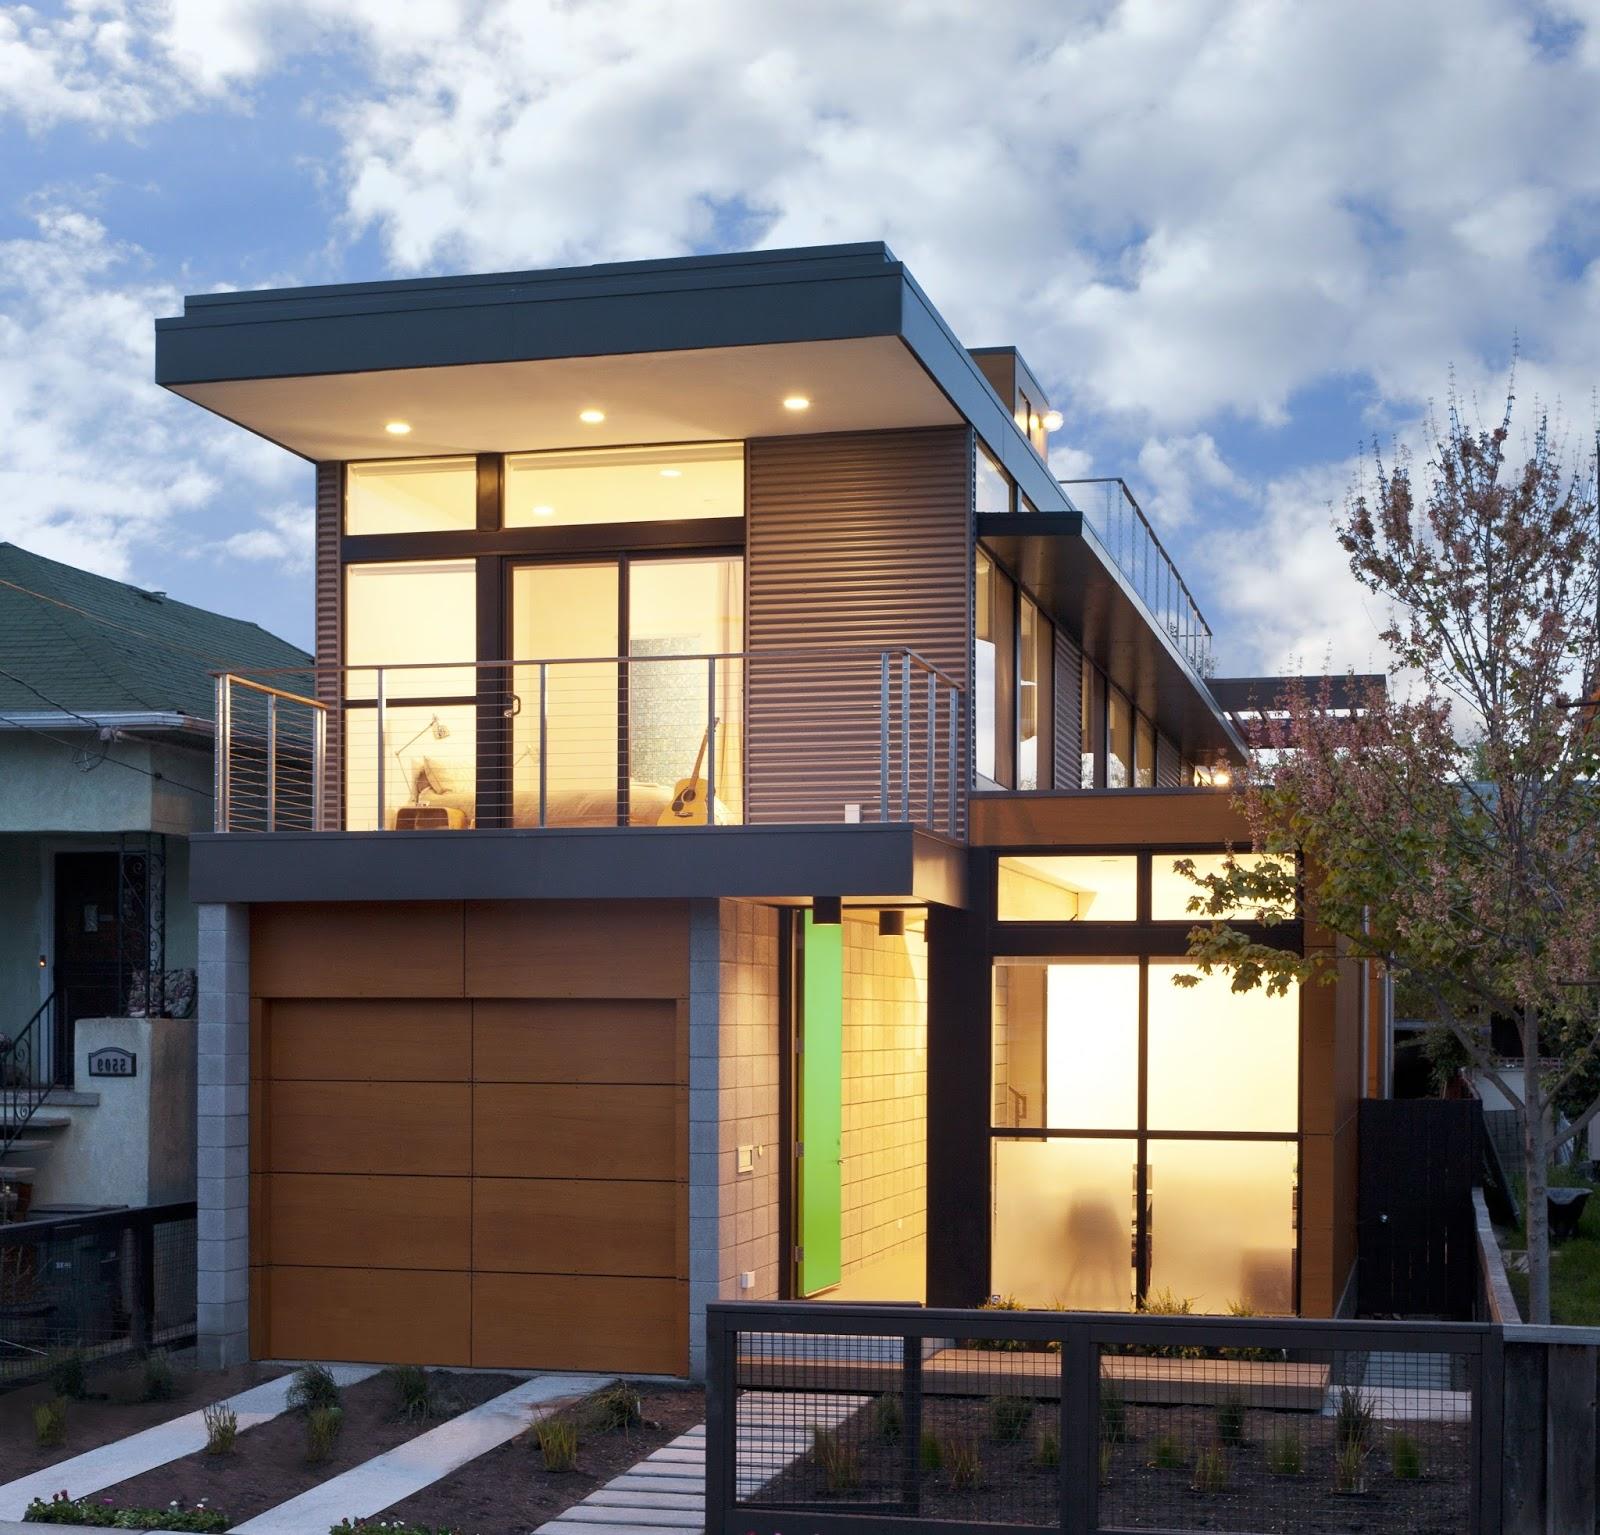 65 imagenes de fachadas de casas modernas minimalistas y for Fachadas modernas para casas pequenas de una planta